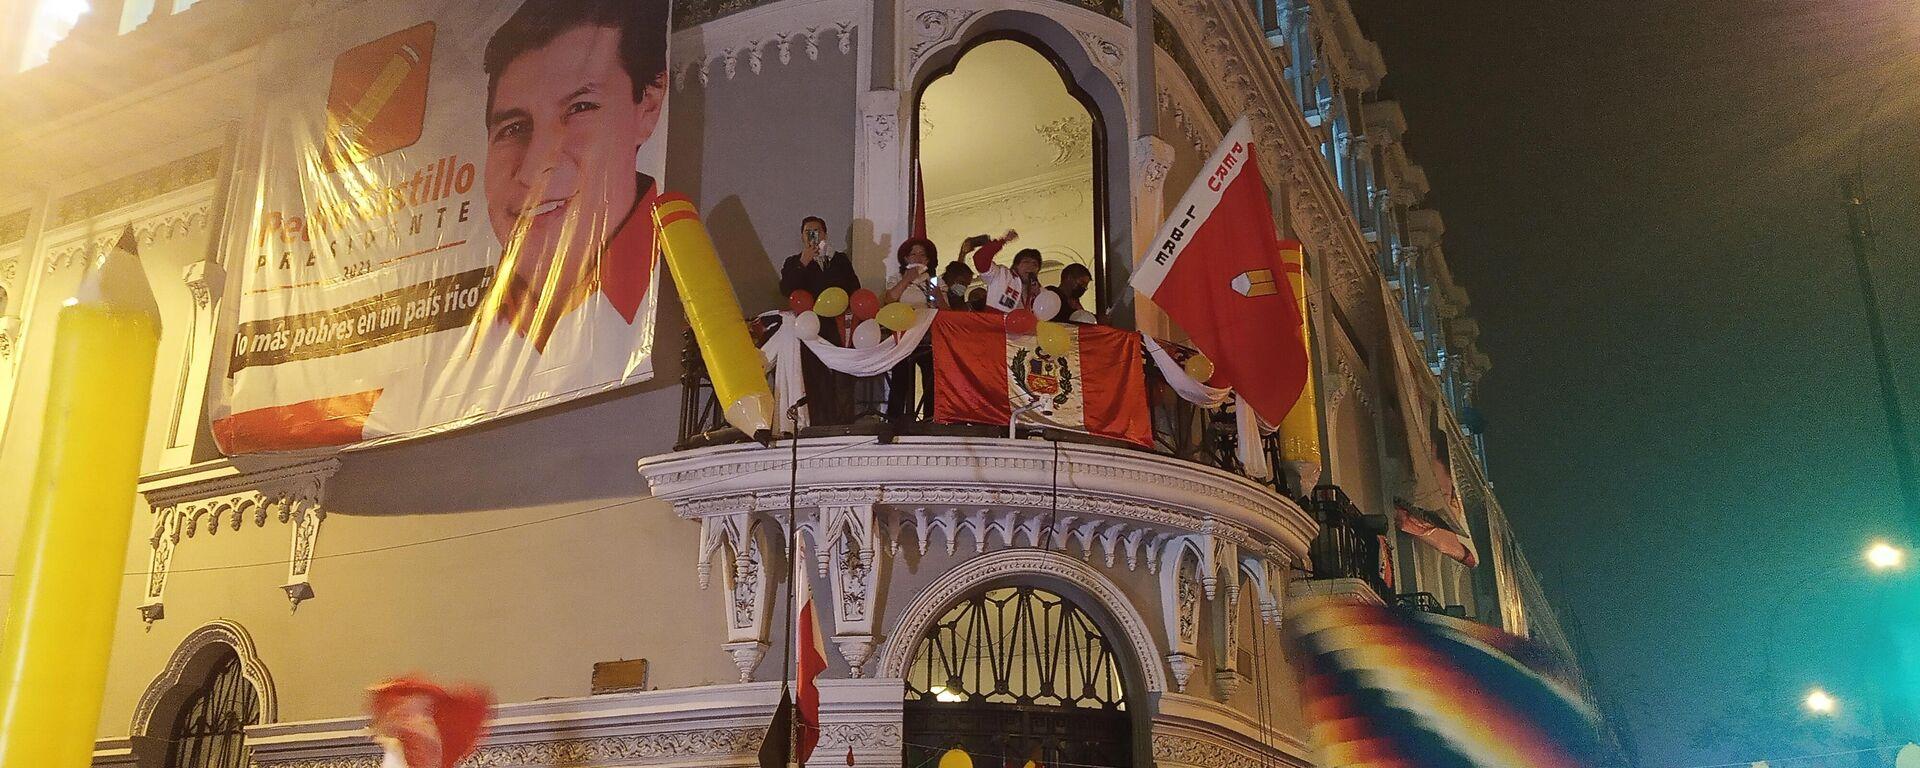 Concentración ante el local de campaña de Castillo en Lima - Sputnik Mundo, 1920, 07.06.2021